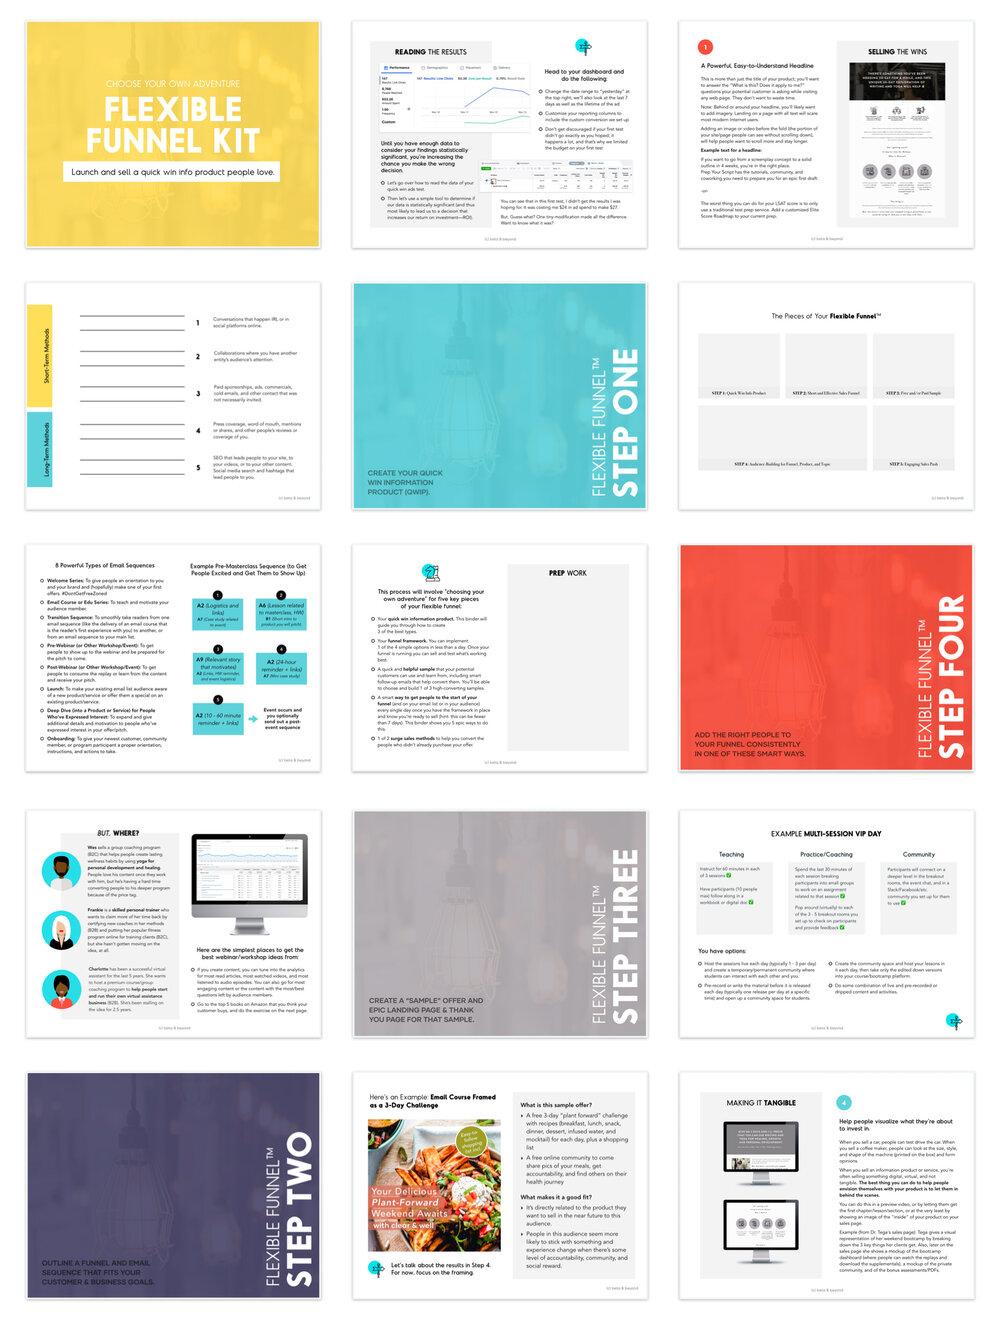 The-Flexible-Funnel-Kit-Preview.jpg